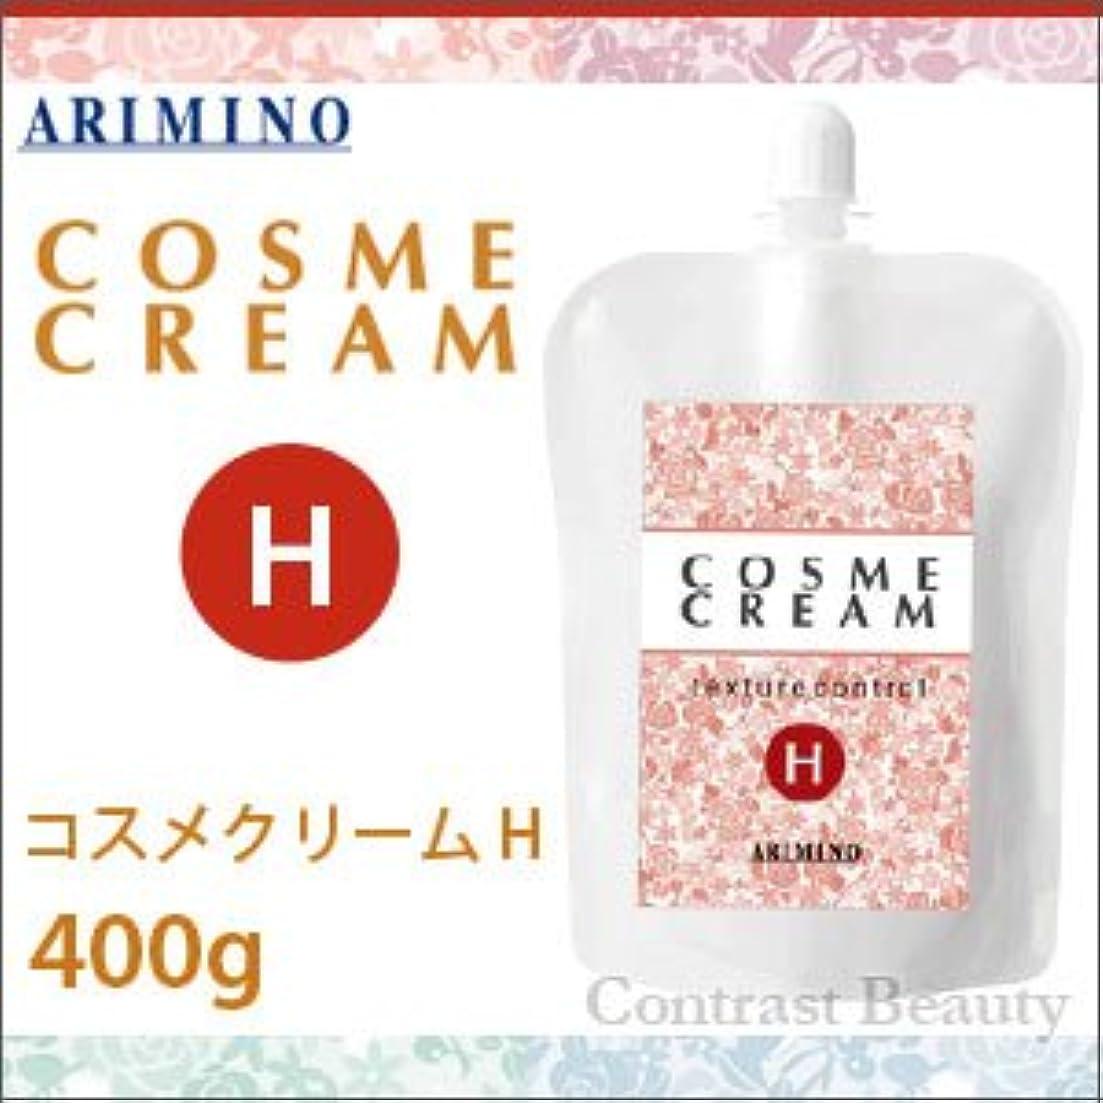 ヨーグルト中国防腐剤【X3個セット】 アリミノ コスメクリーム H 400g